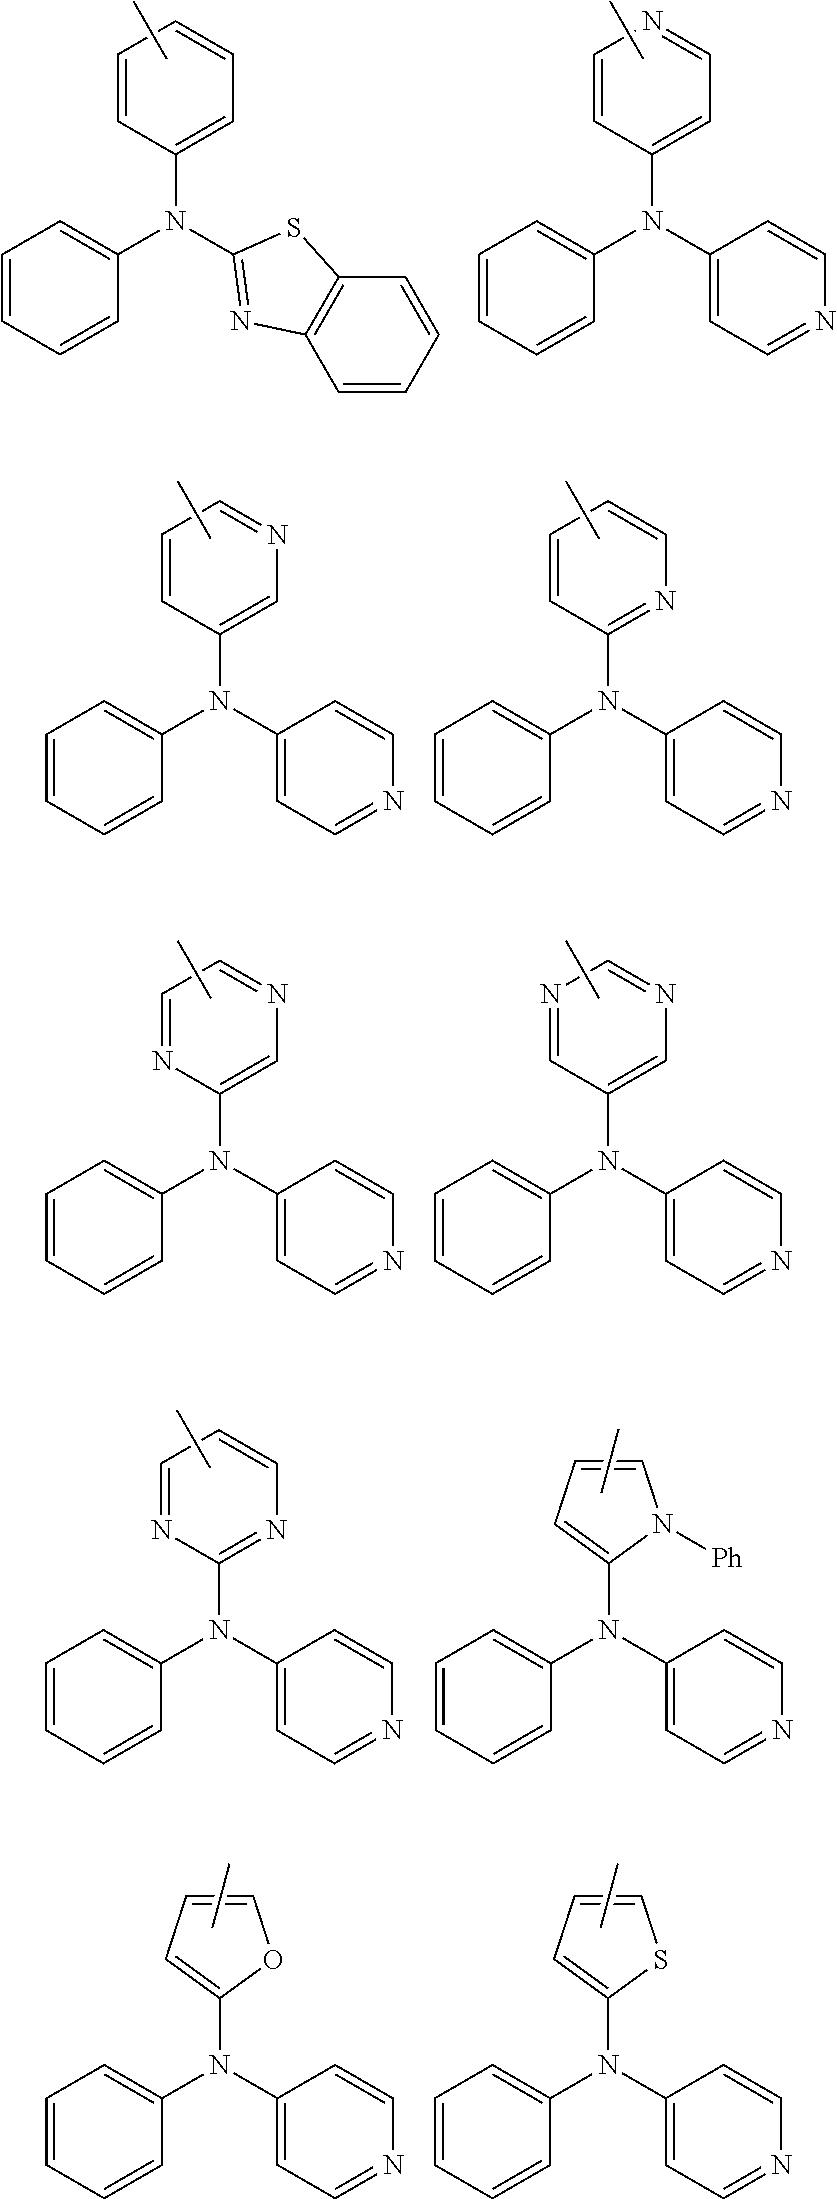 Figure US20150280139A1-20151001-C00018